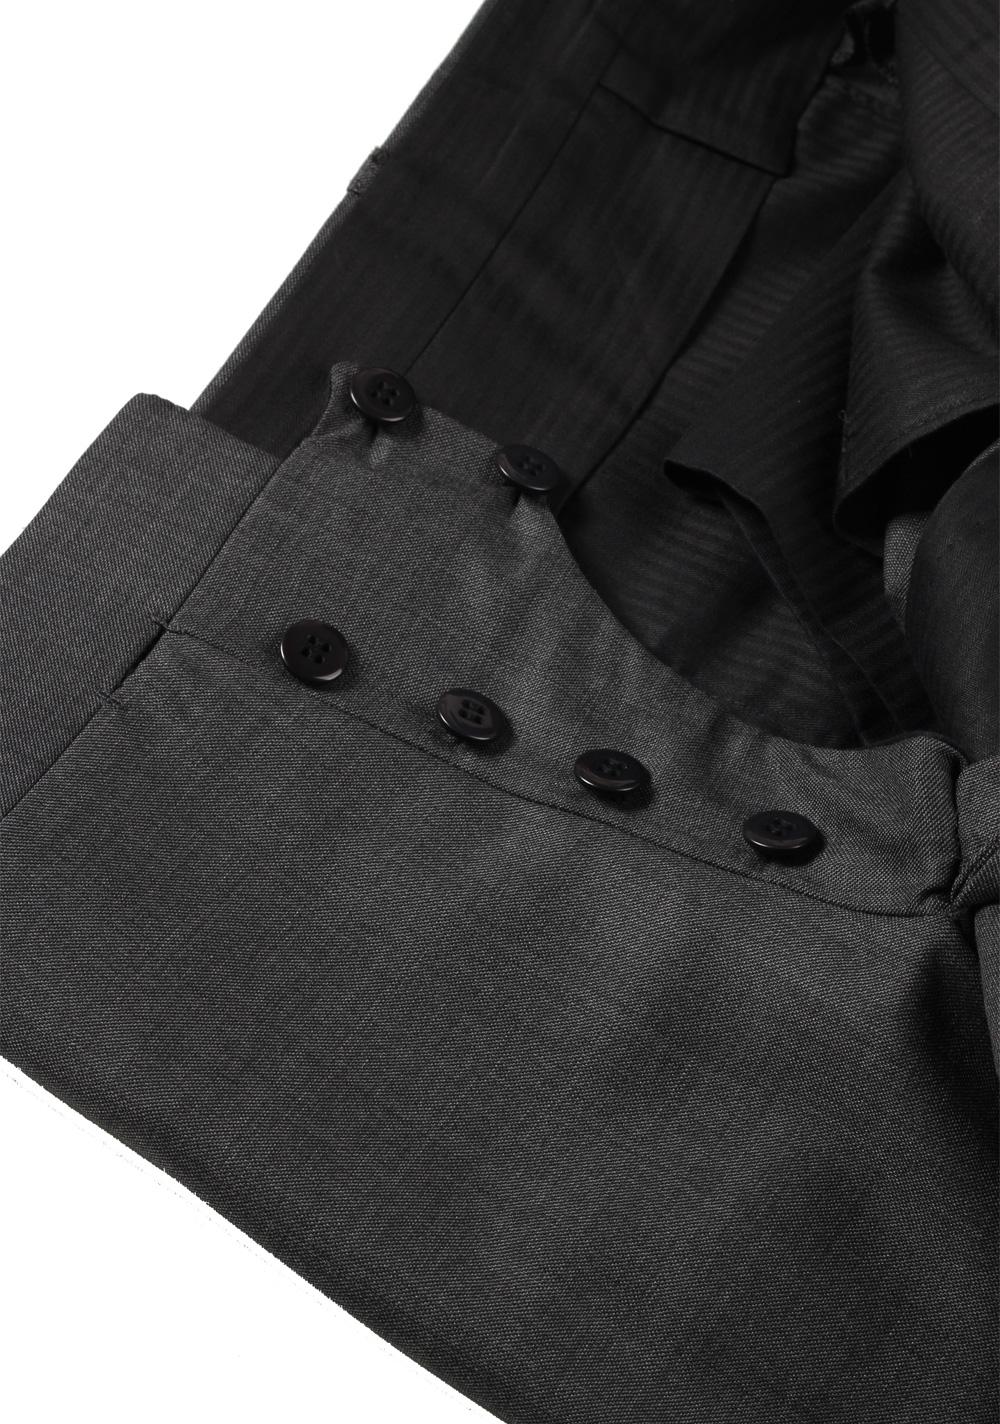 Orazio Luciano La Vera Sartoria Napoletana Suit Size 46L / 36L U.S. | Costume Limité